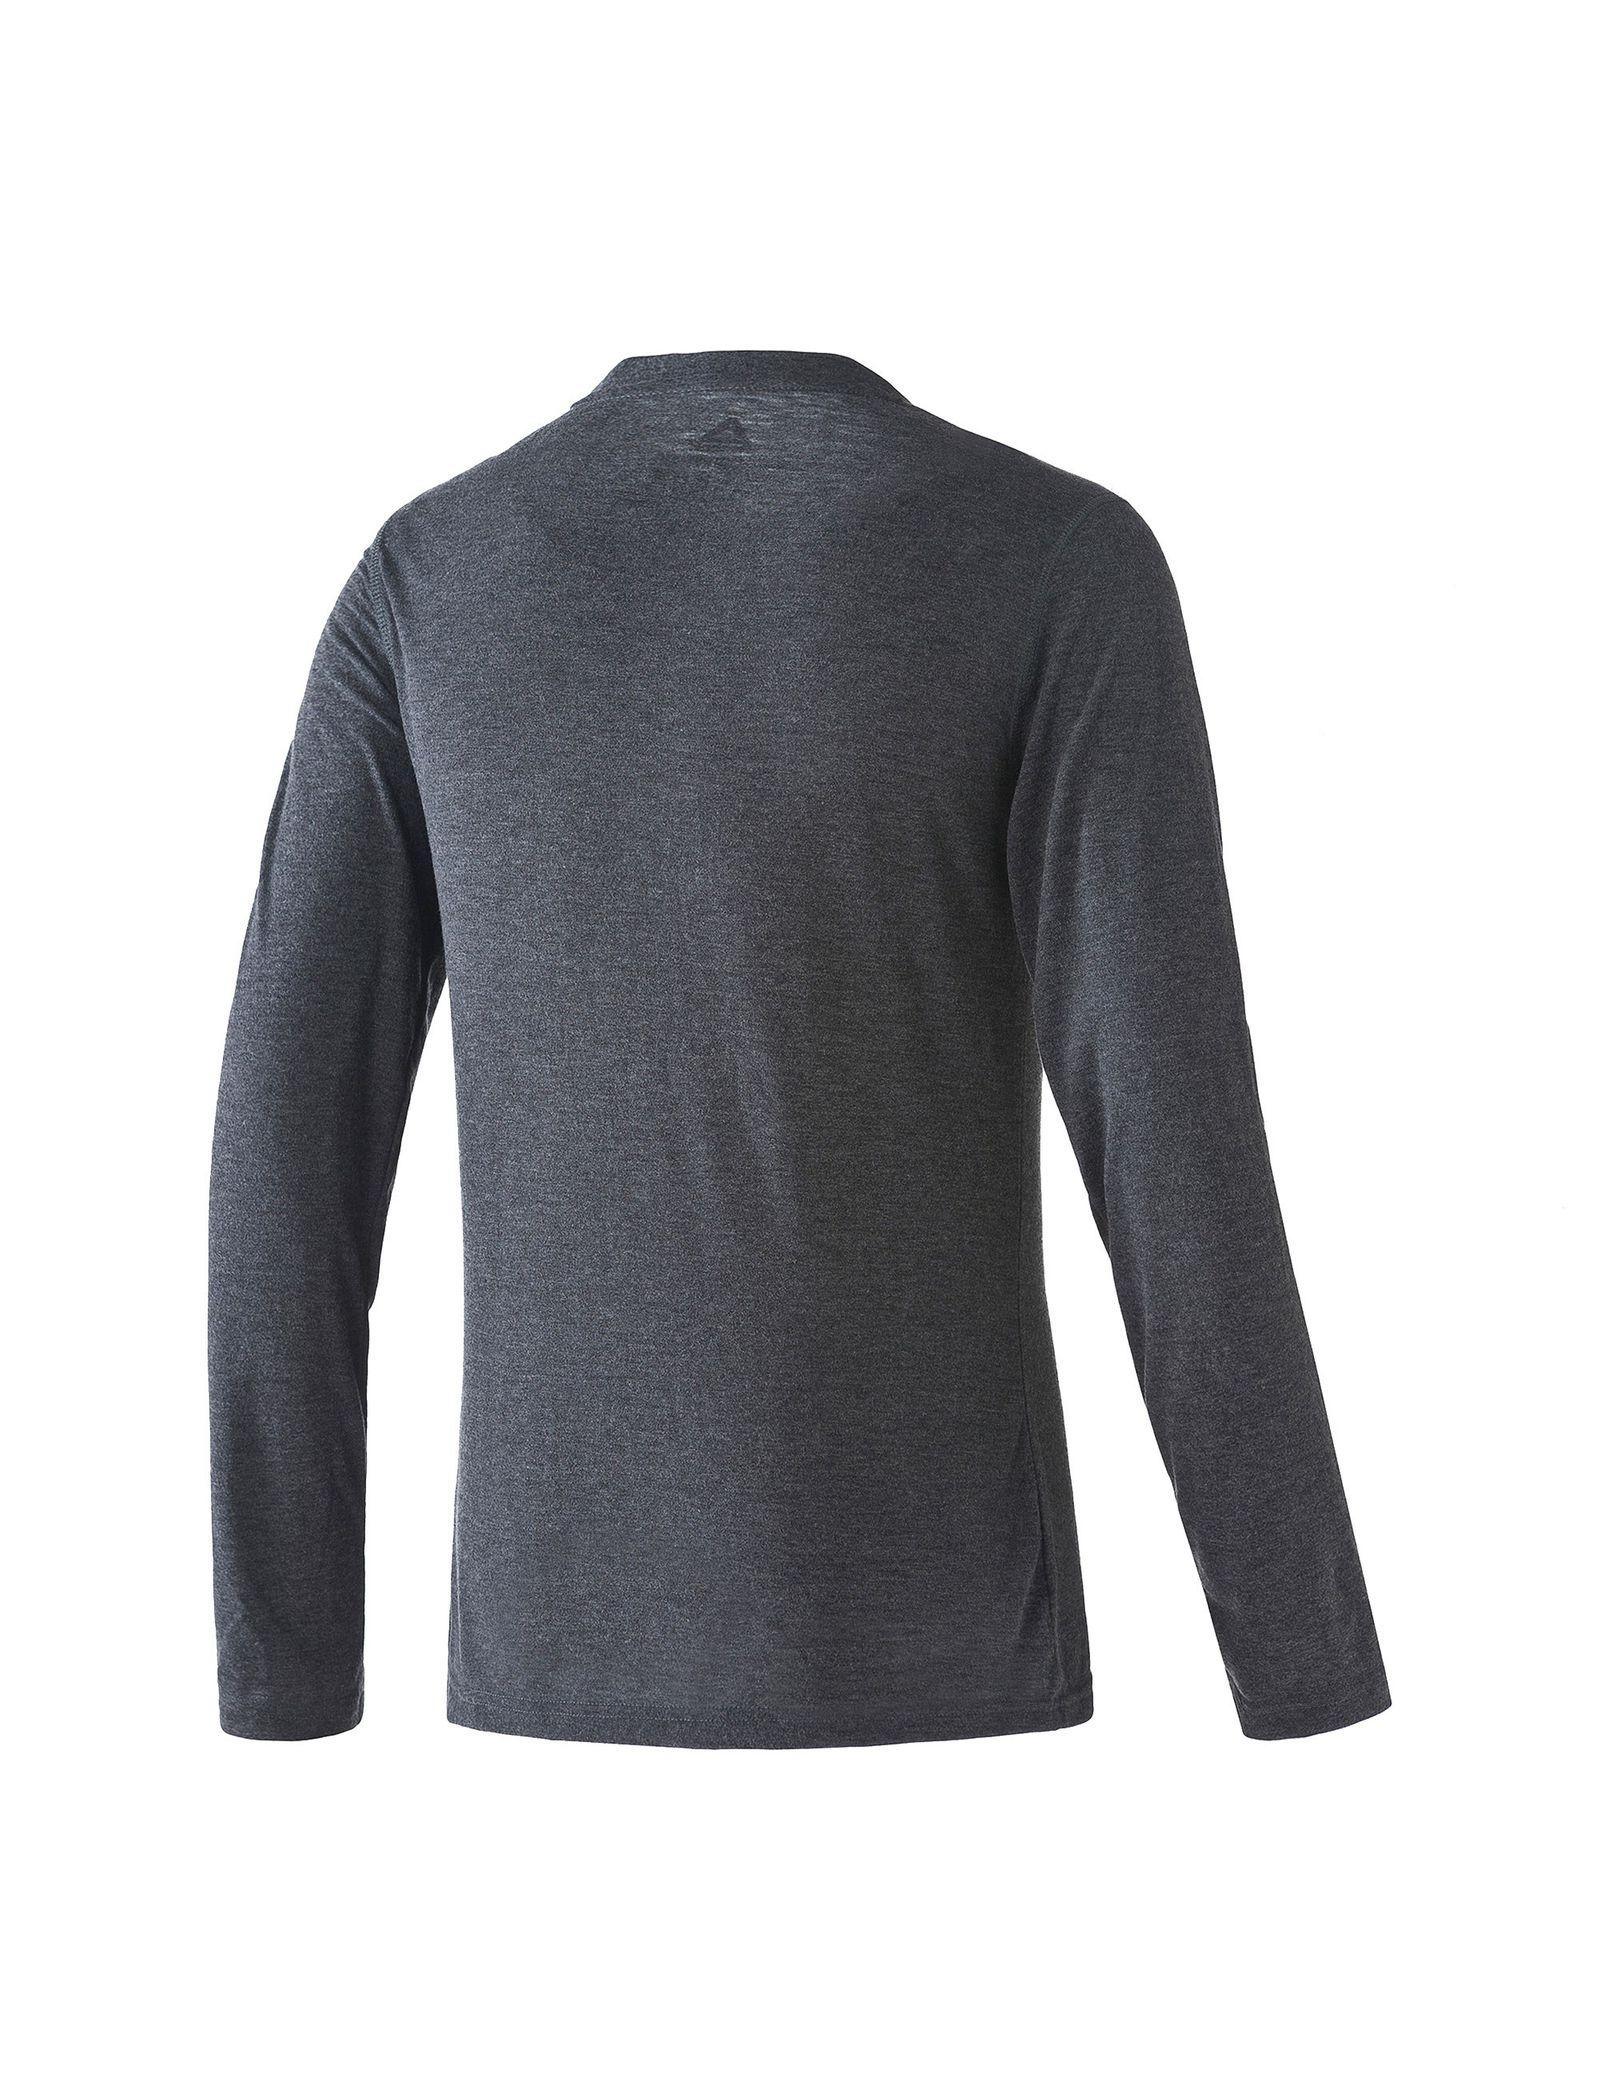 تی شرت ورزشی آستین بلند مردانه Workout Ready Supremium - ریباک - طوسي سرمه اي - 2